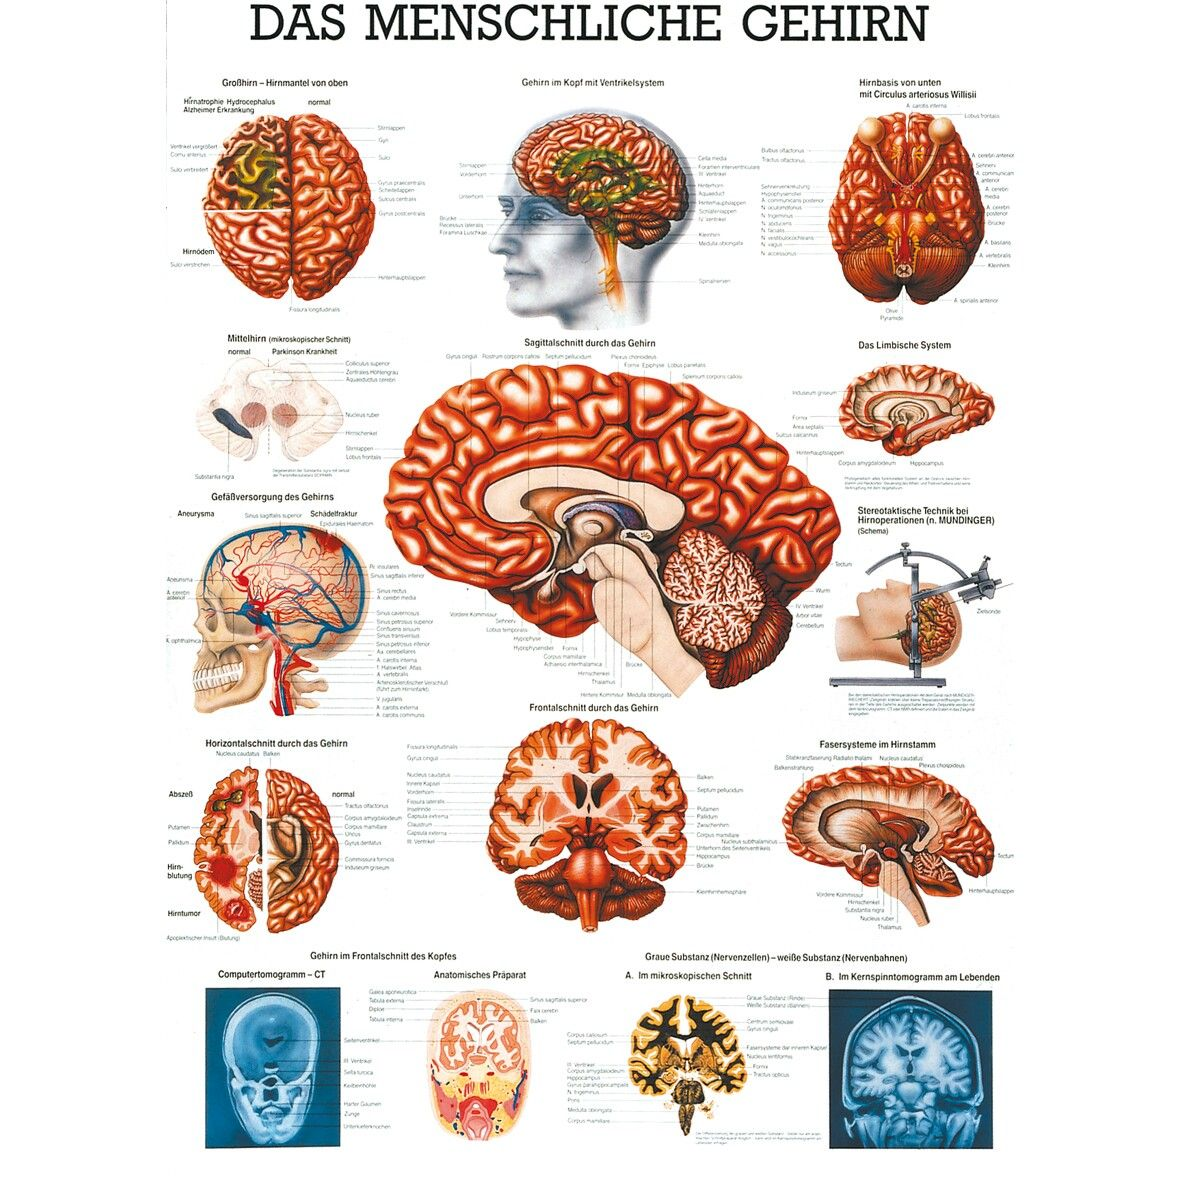 Pin von Karina auf Der menschliche Körper | Pinterest | der ...